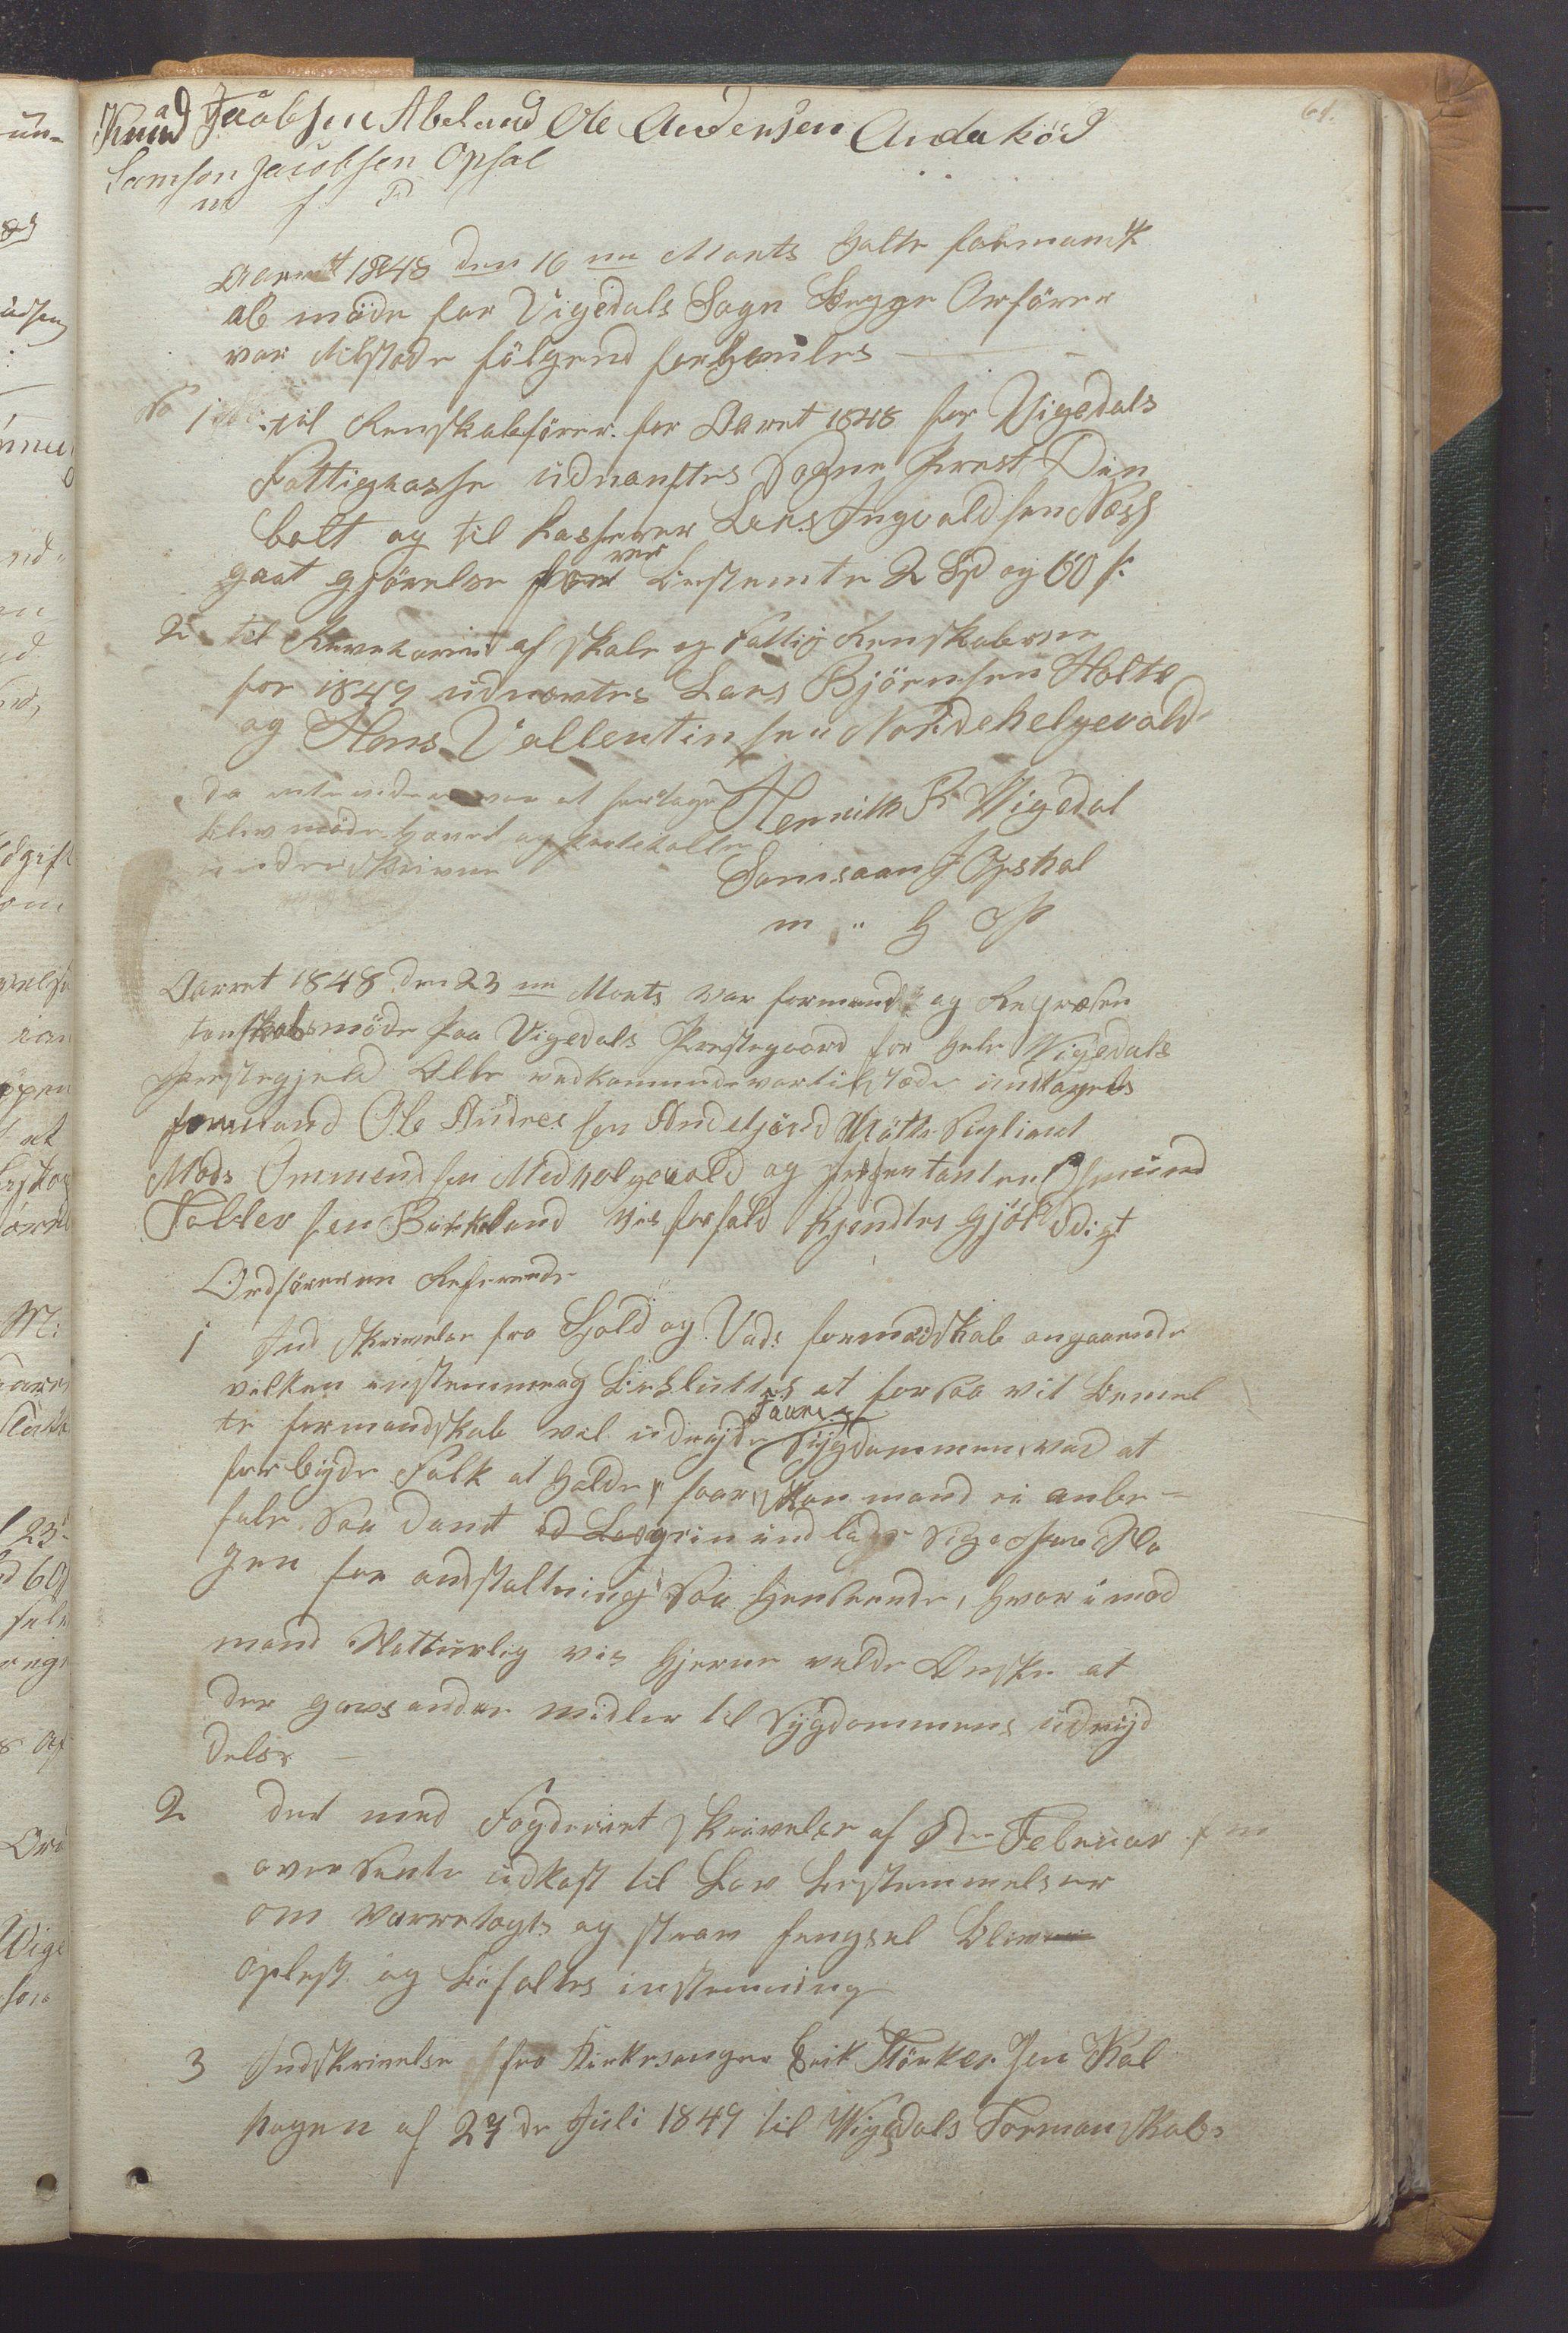 IKAR, Vikedal kommune - Formannskapet, Aaa/L0001: Møtebok, 1837-1874, s. 61a